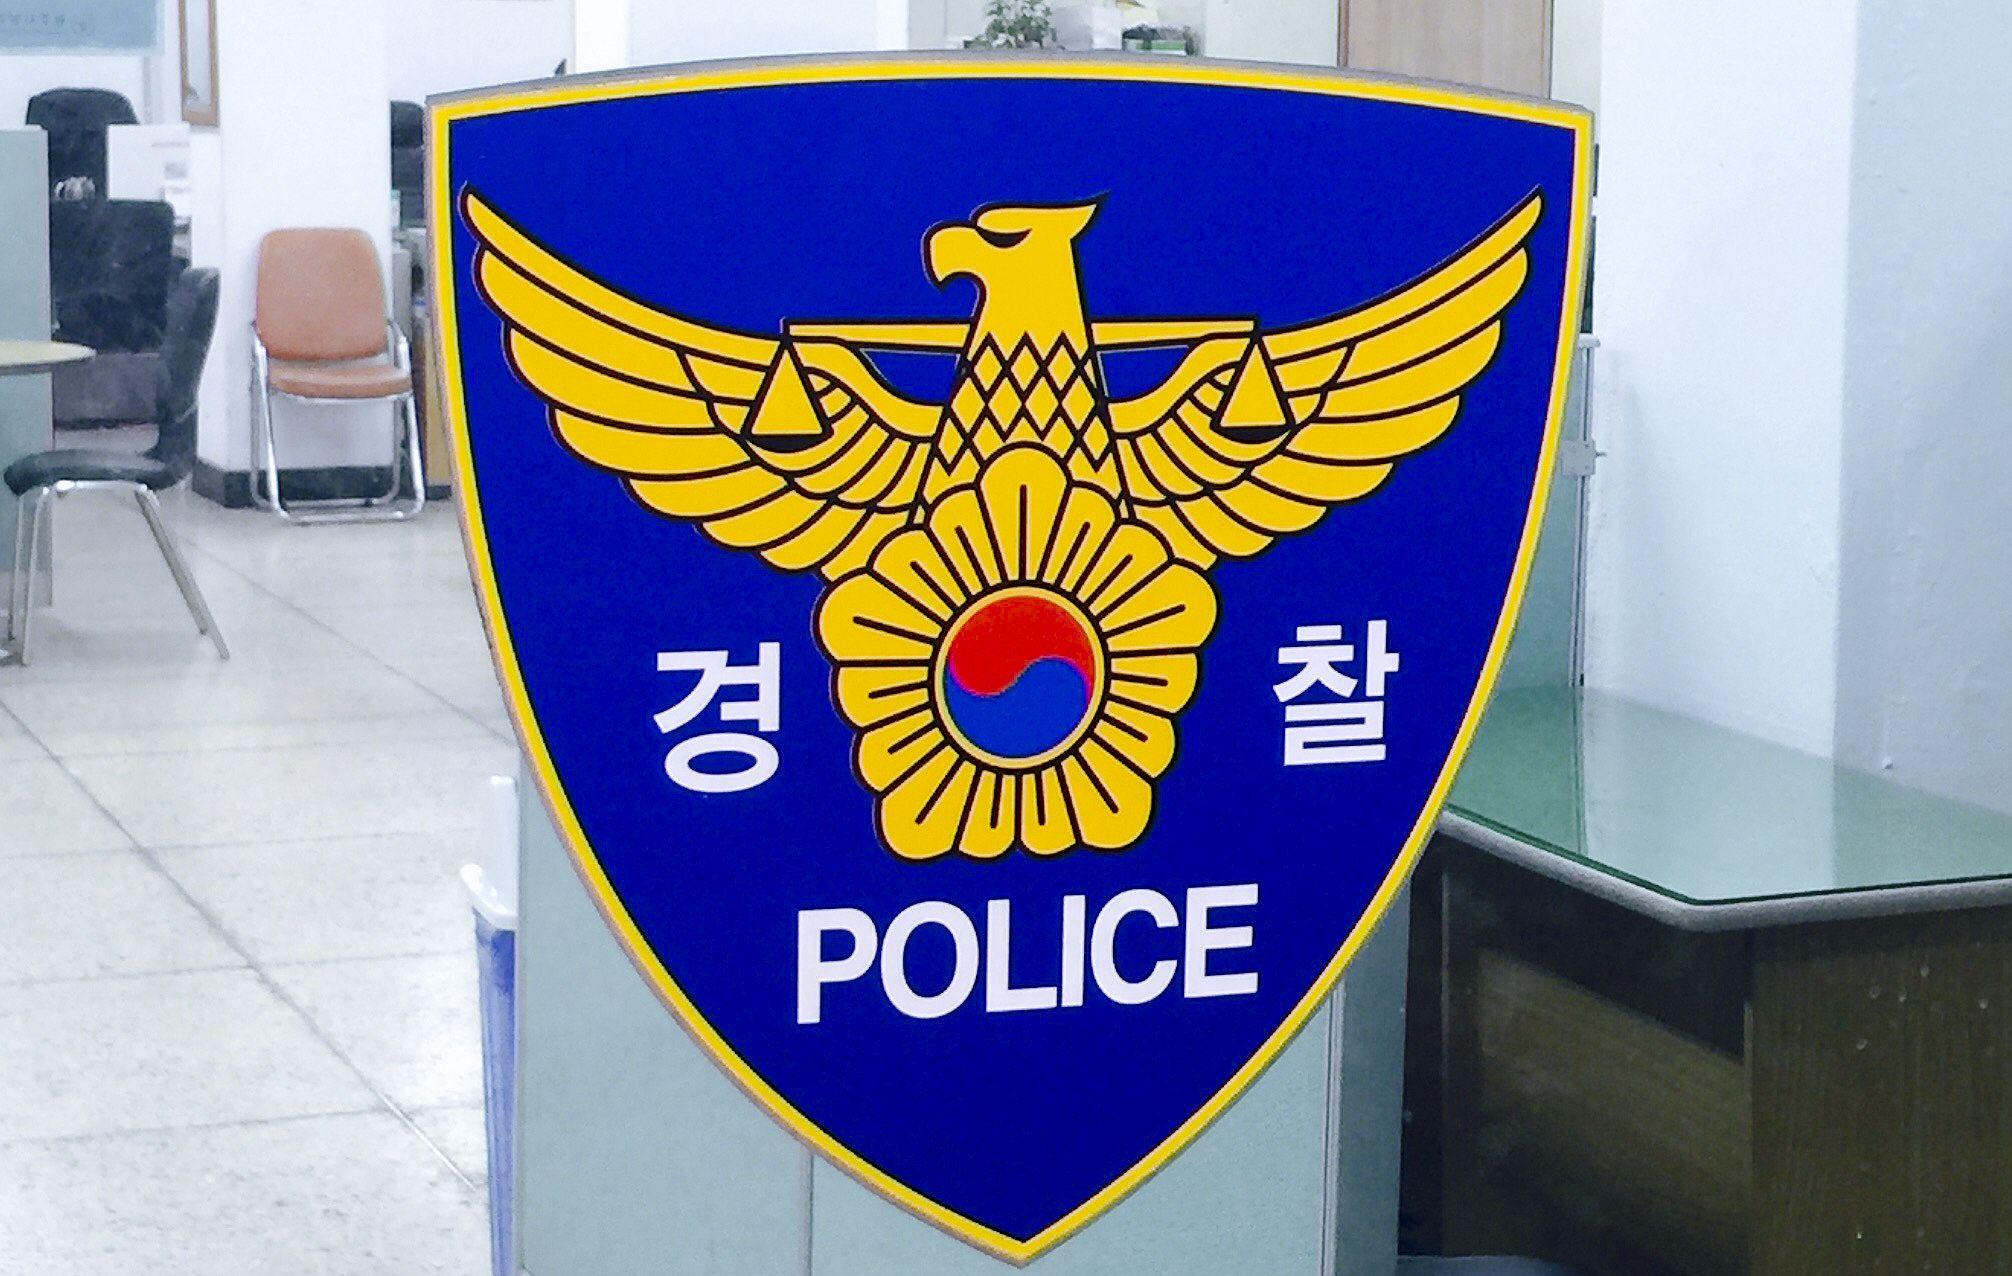 경찰이 잡동사니로 가득한 집에 자녀를 방치한 혐의로 외국인 어머니를 입건해 수사를 벌이고 있다. 뉴스1